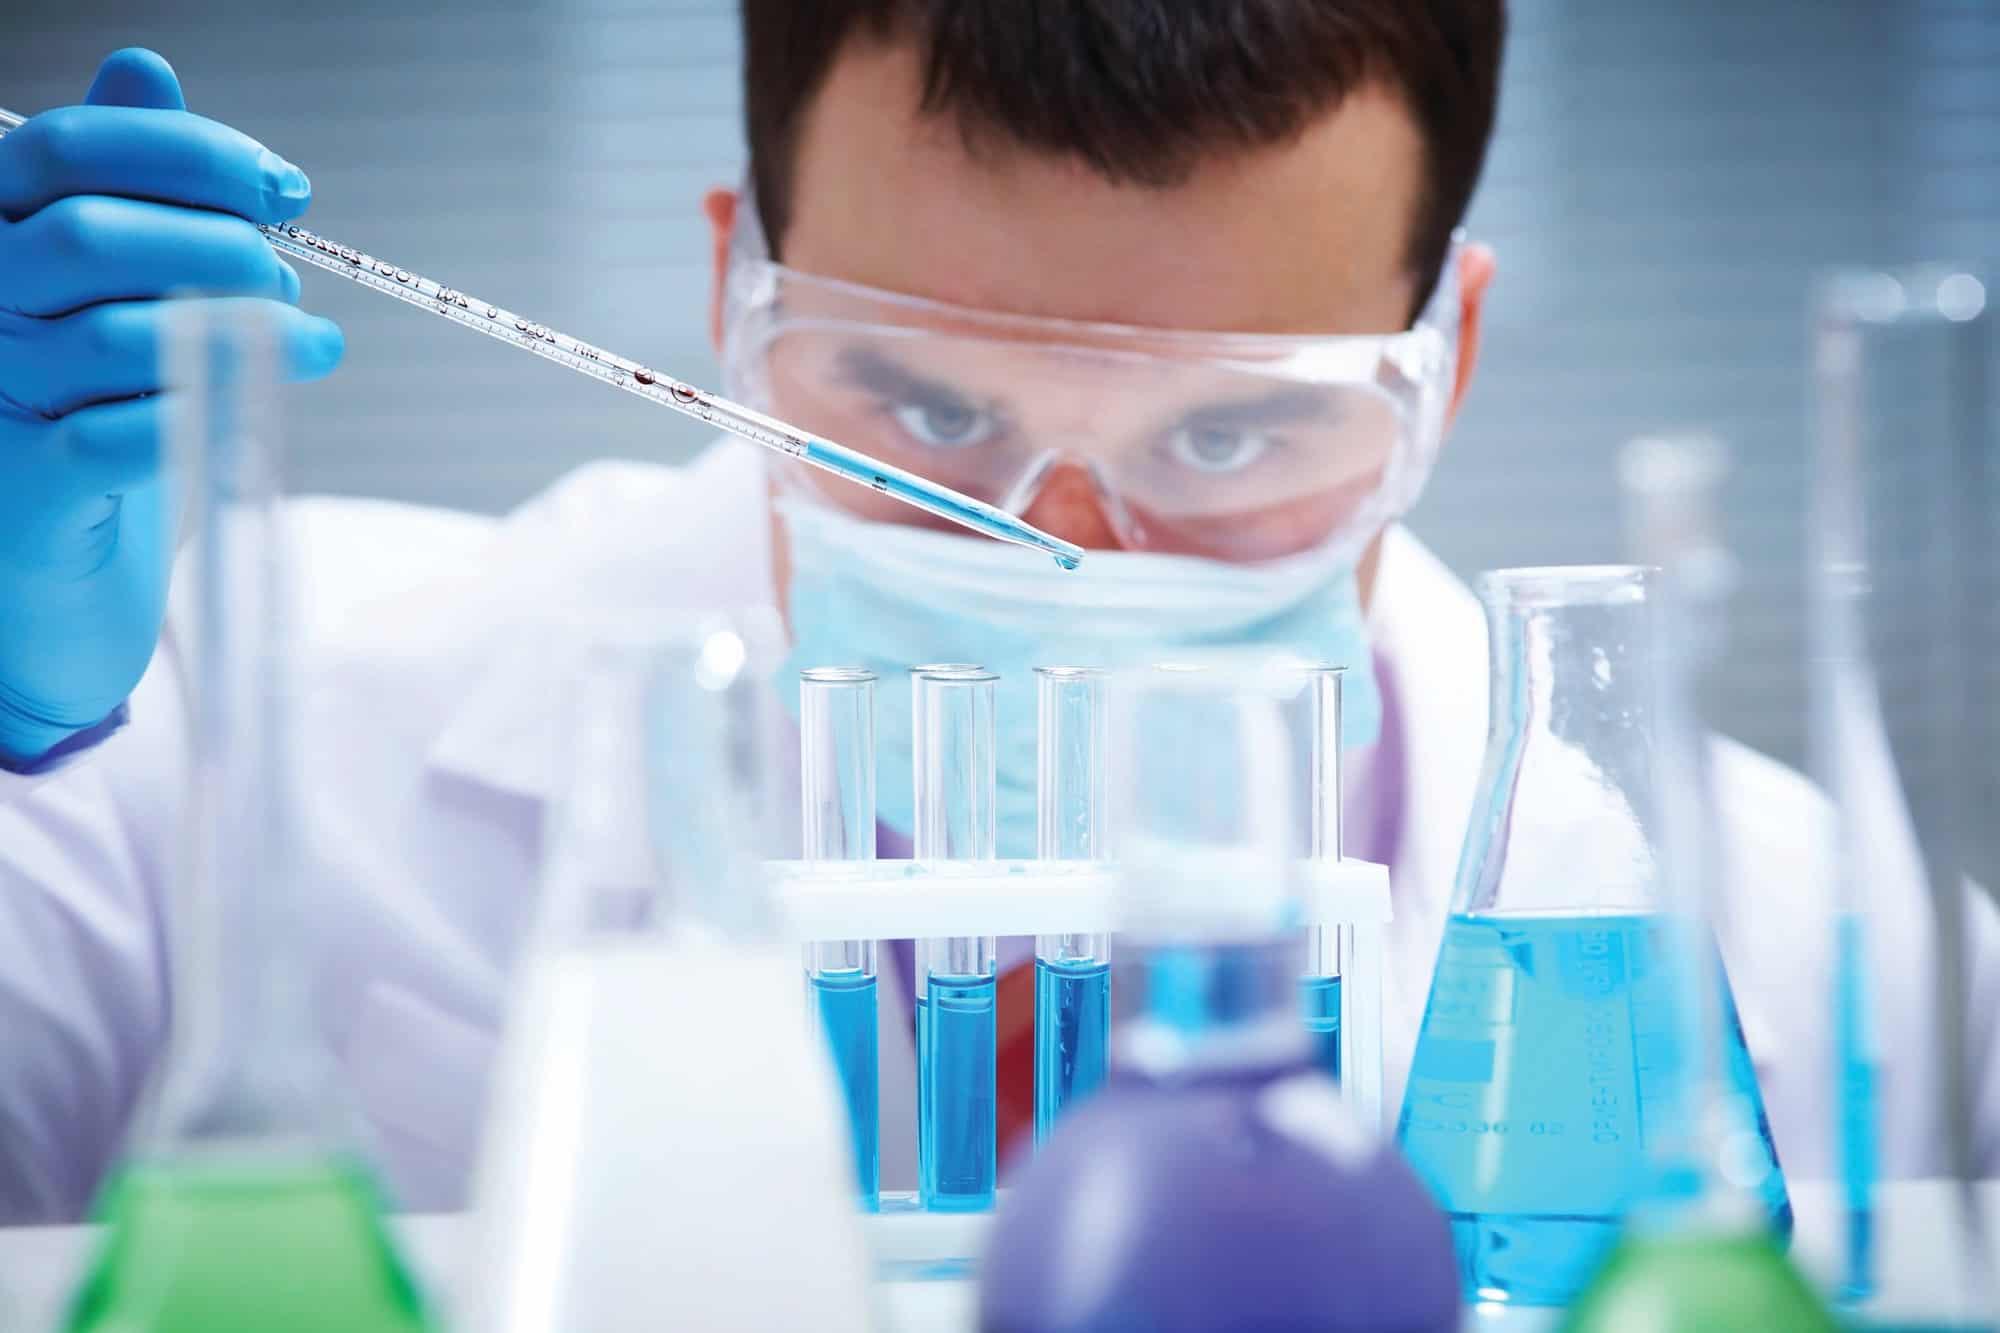 الفرق بين الكيمياء والخيمياء